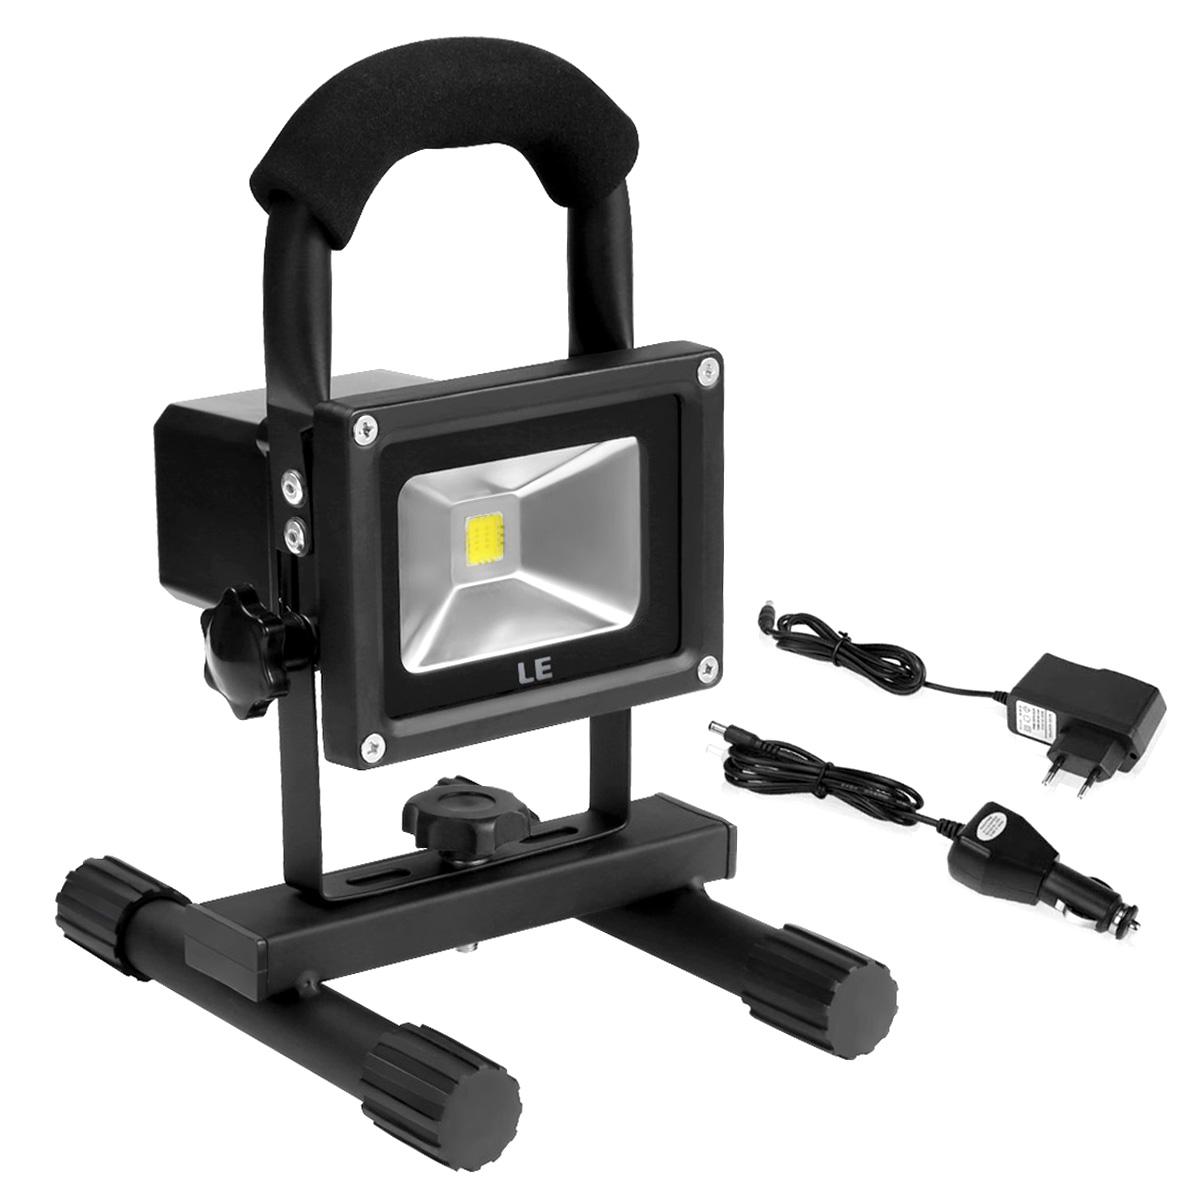 10W LED Baustrahler mit Akku, Tragbar Arbeitsleuchte, 700lm, Entspricht 100W Halogenlampe, Wasserdicht